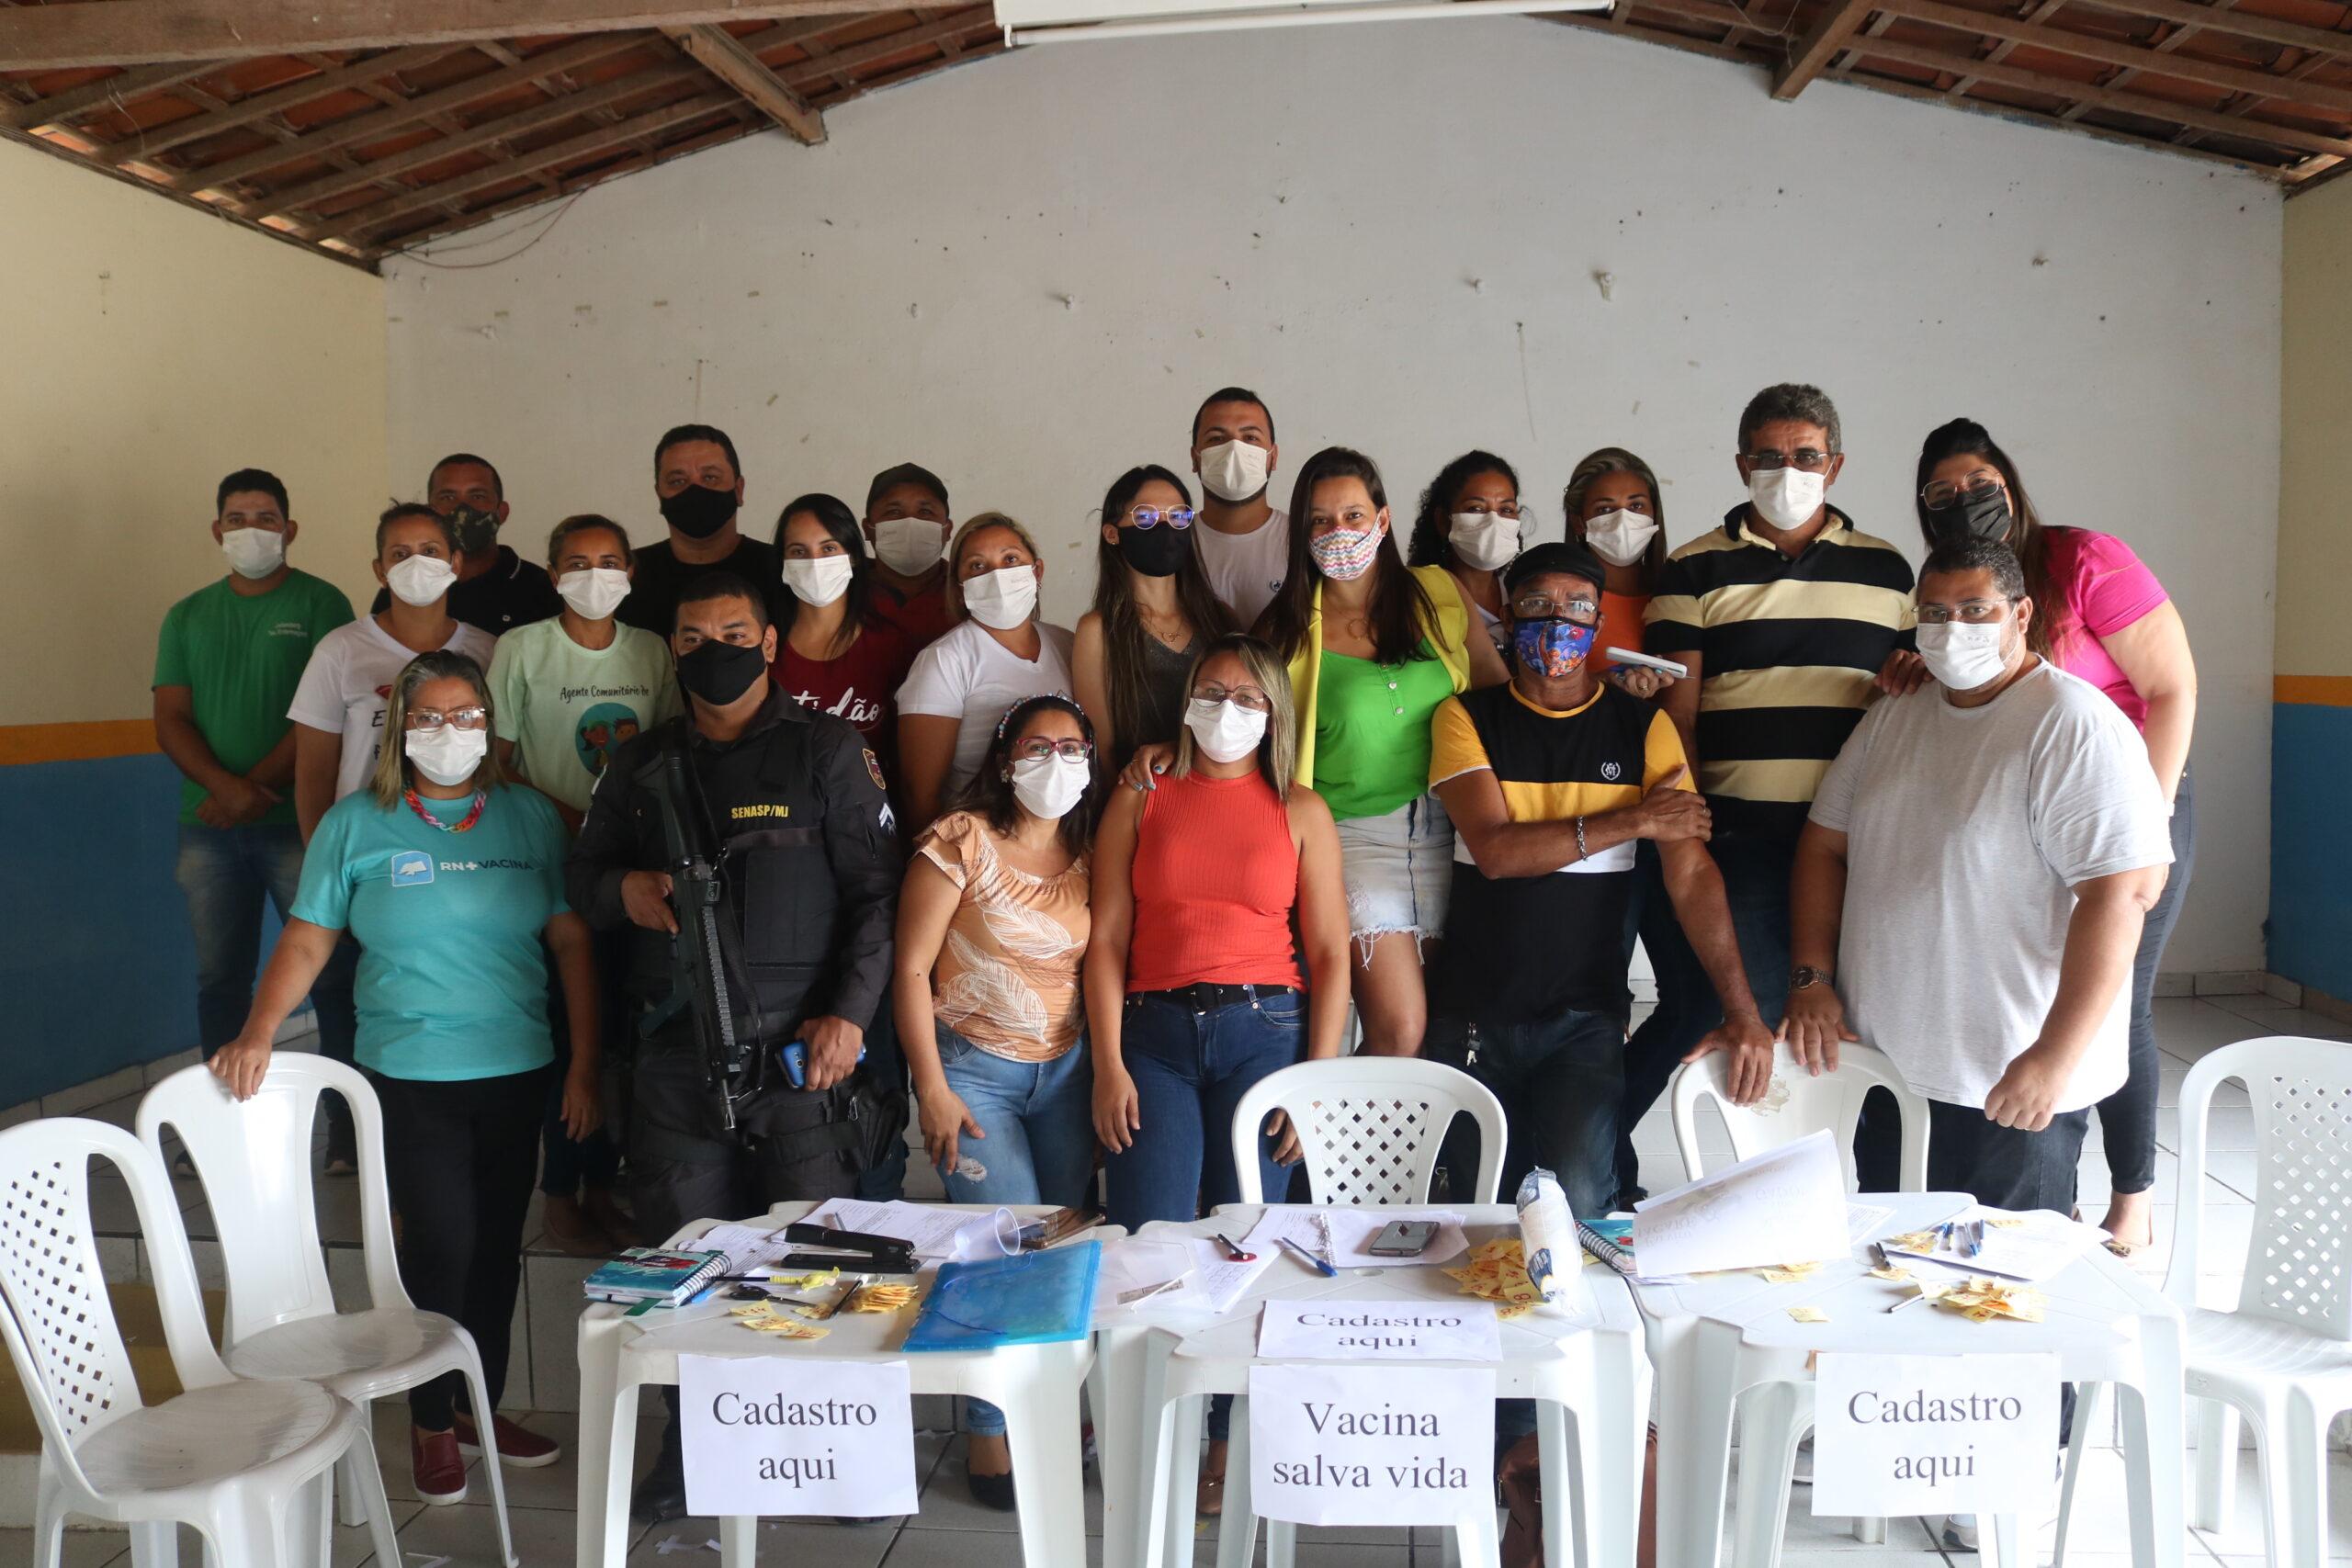 Equipe de profissionais comemoram vacinação contra a covid-19 para pessoas acima de 18 anos em Bento Fernandes